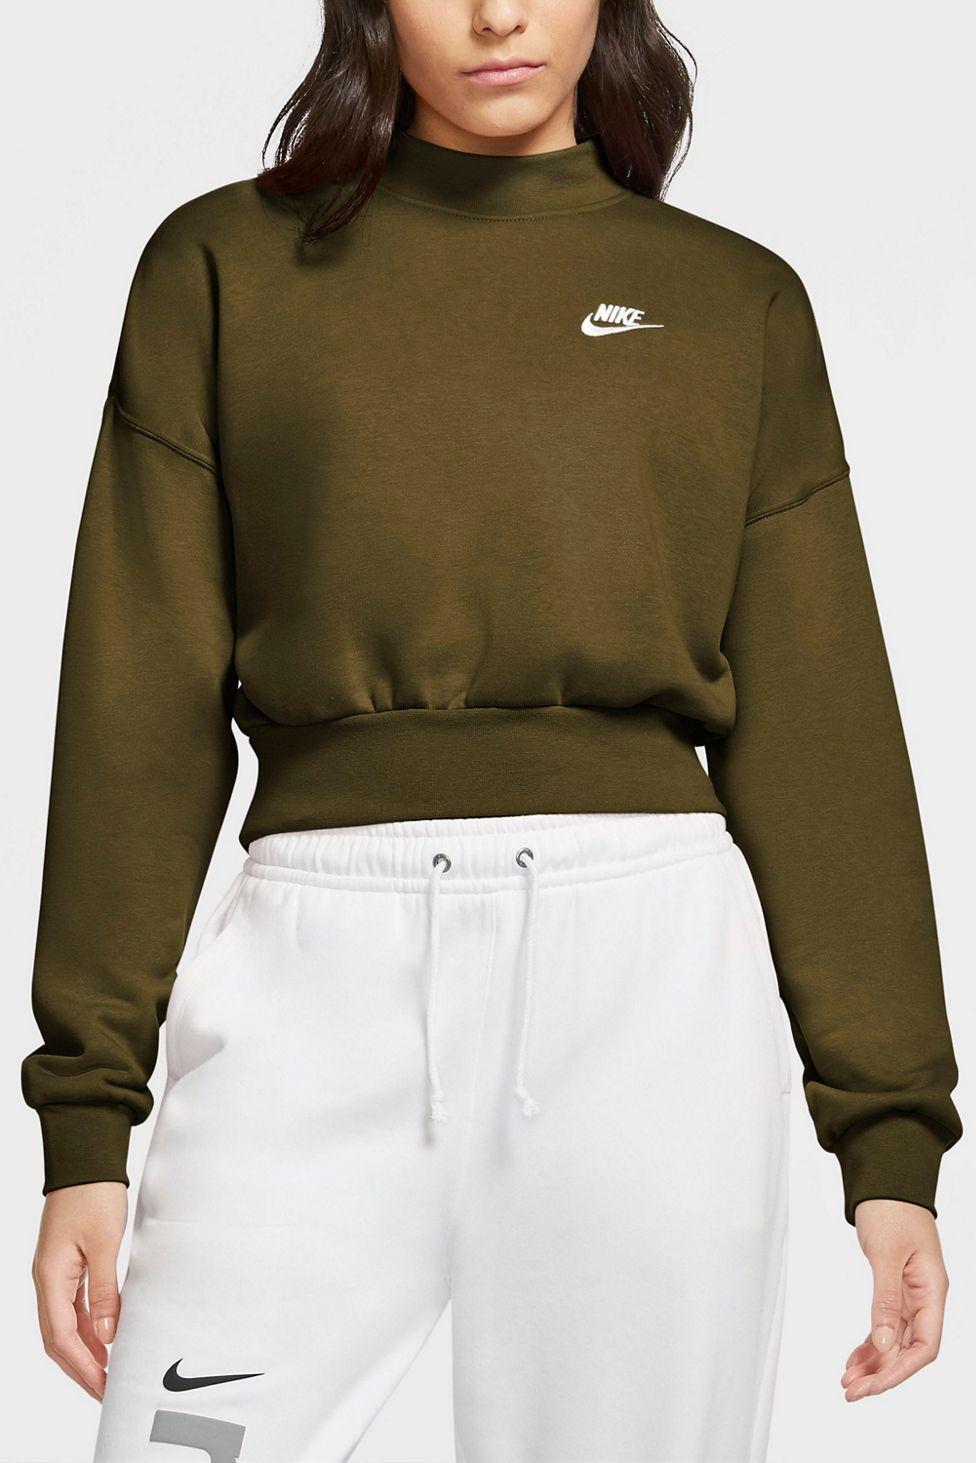 Nike Sportswear Essential Fleece Mock Neck Sweatshirt Urban Outfitters Mock Neck Sweatshirt Mockneck Sweatshirt Sweatshirts [ 1463 x 976 Pixel ]